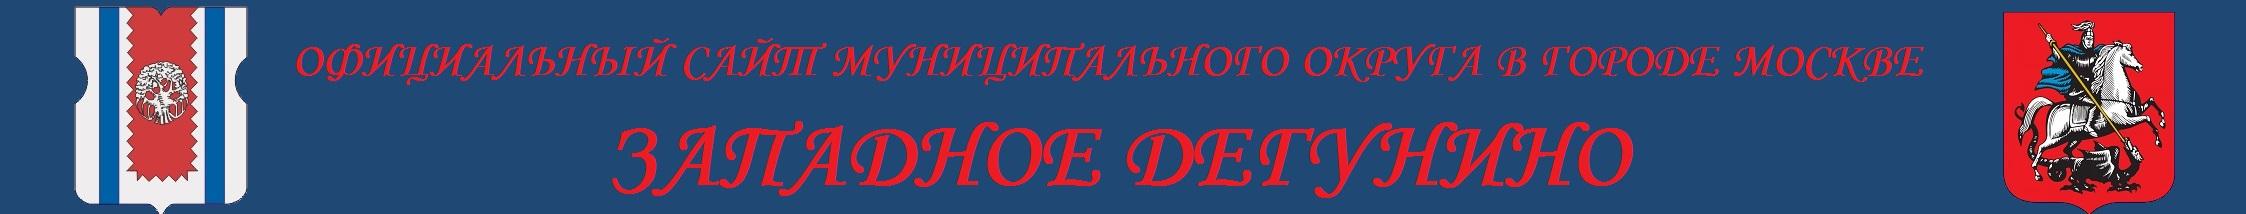 Официальный сайт муниципального округа Западное Дегунино